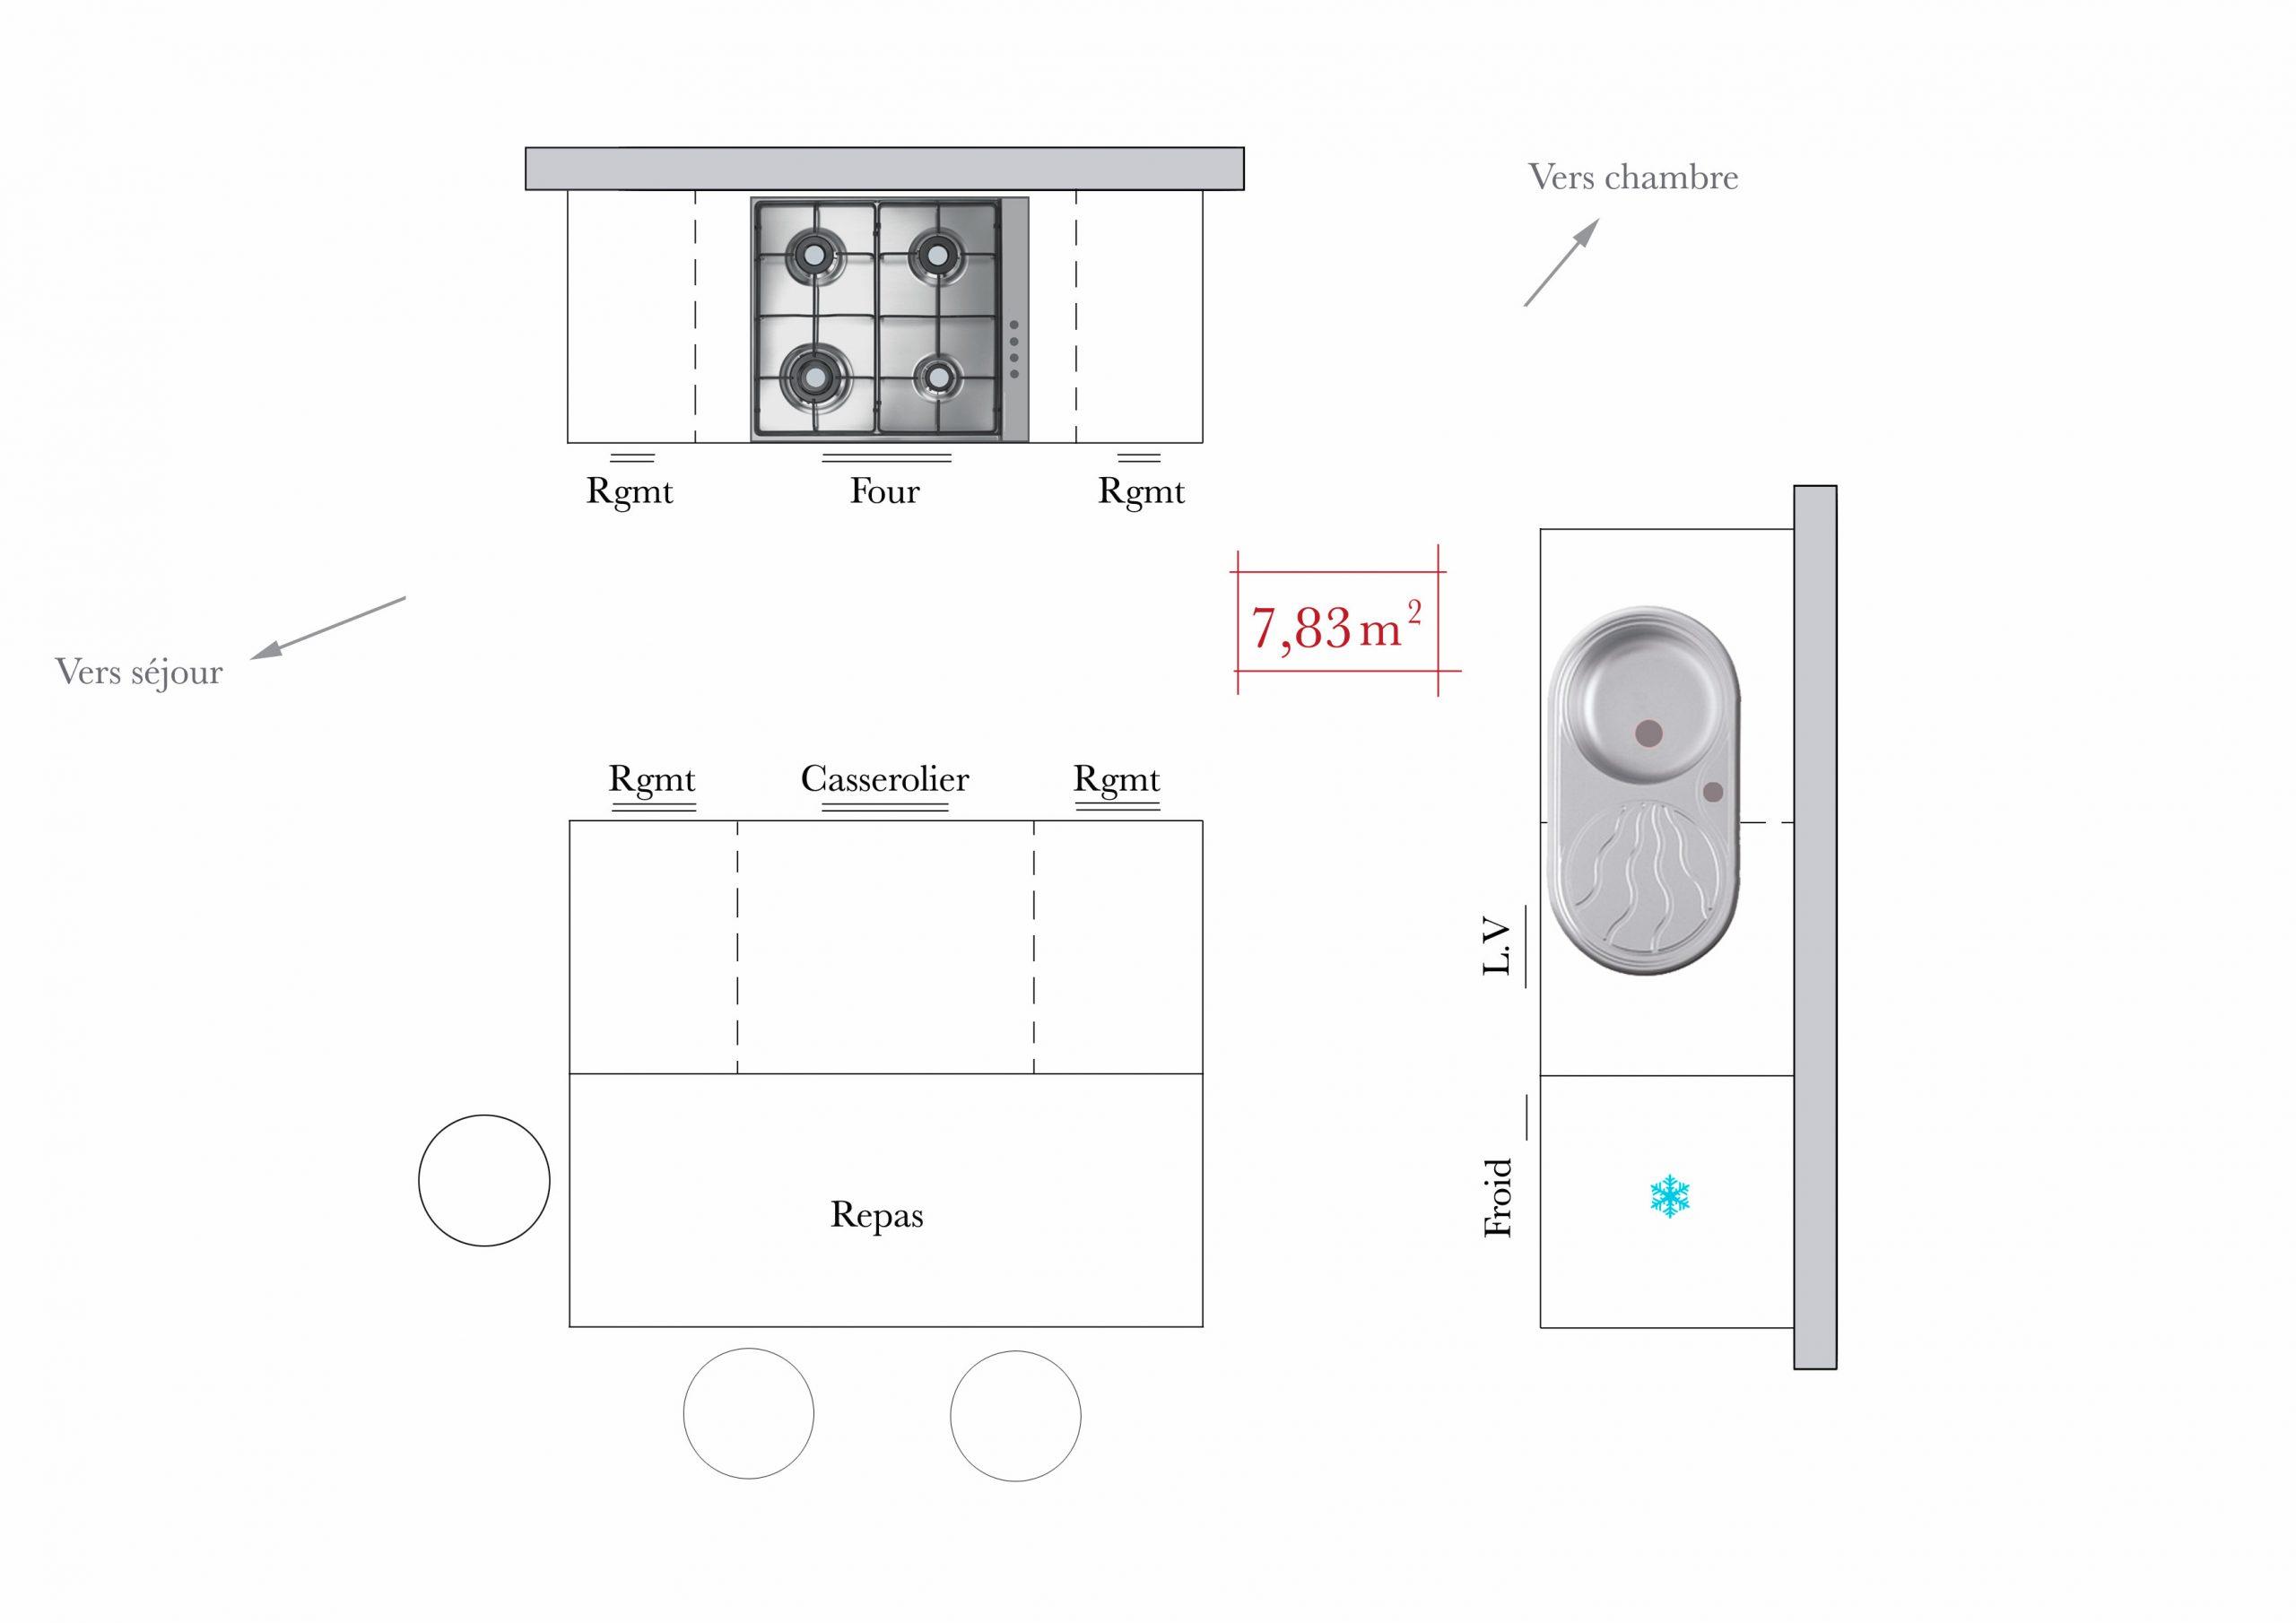 Conseils D'Architecte : 4 Plans De Cuisine En Îlot - M6 Deco.fr tout Distance Entre Plan De Travail Et Meuble Haut